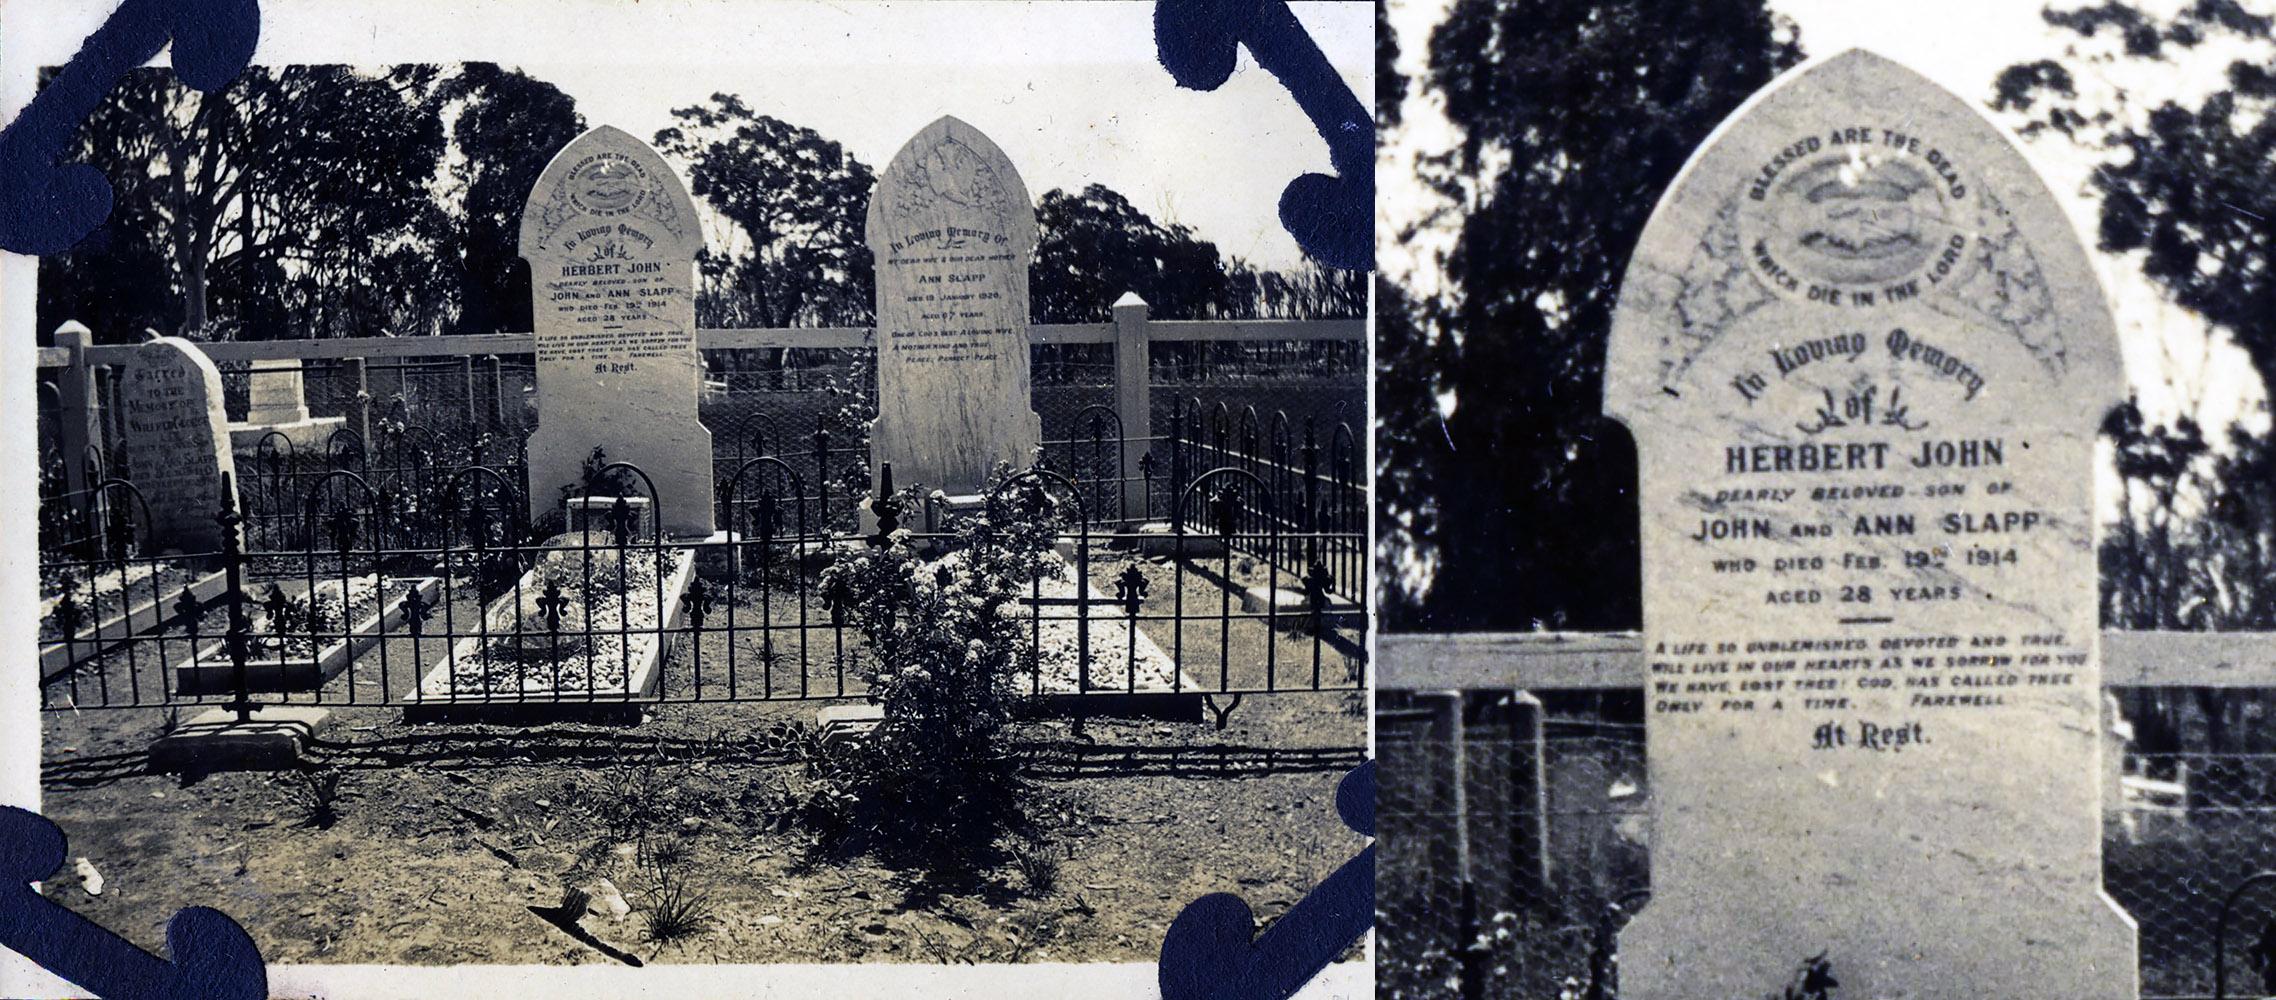 Herbert John Slapp Cemetery headstone